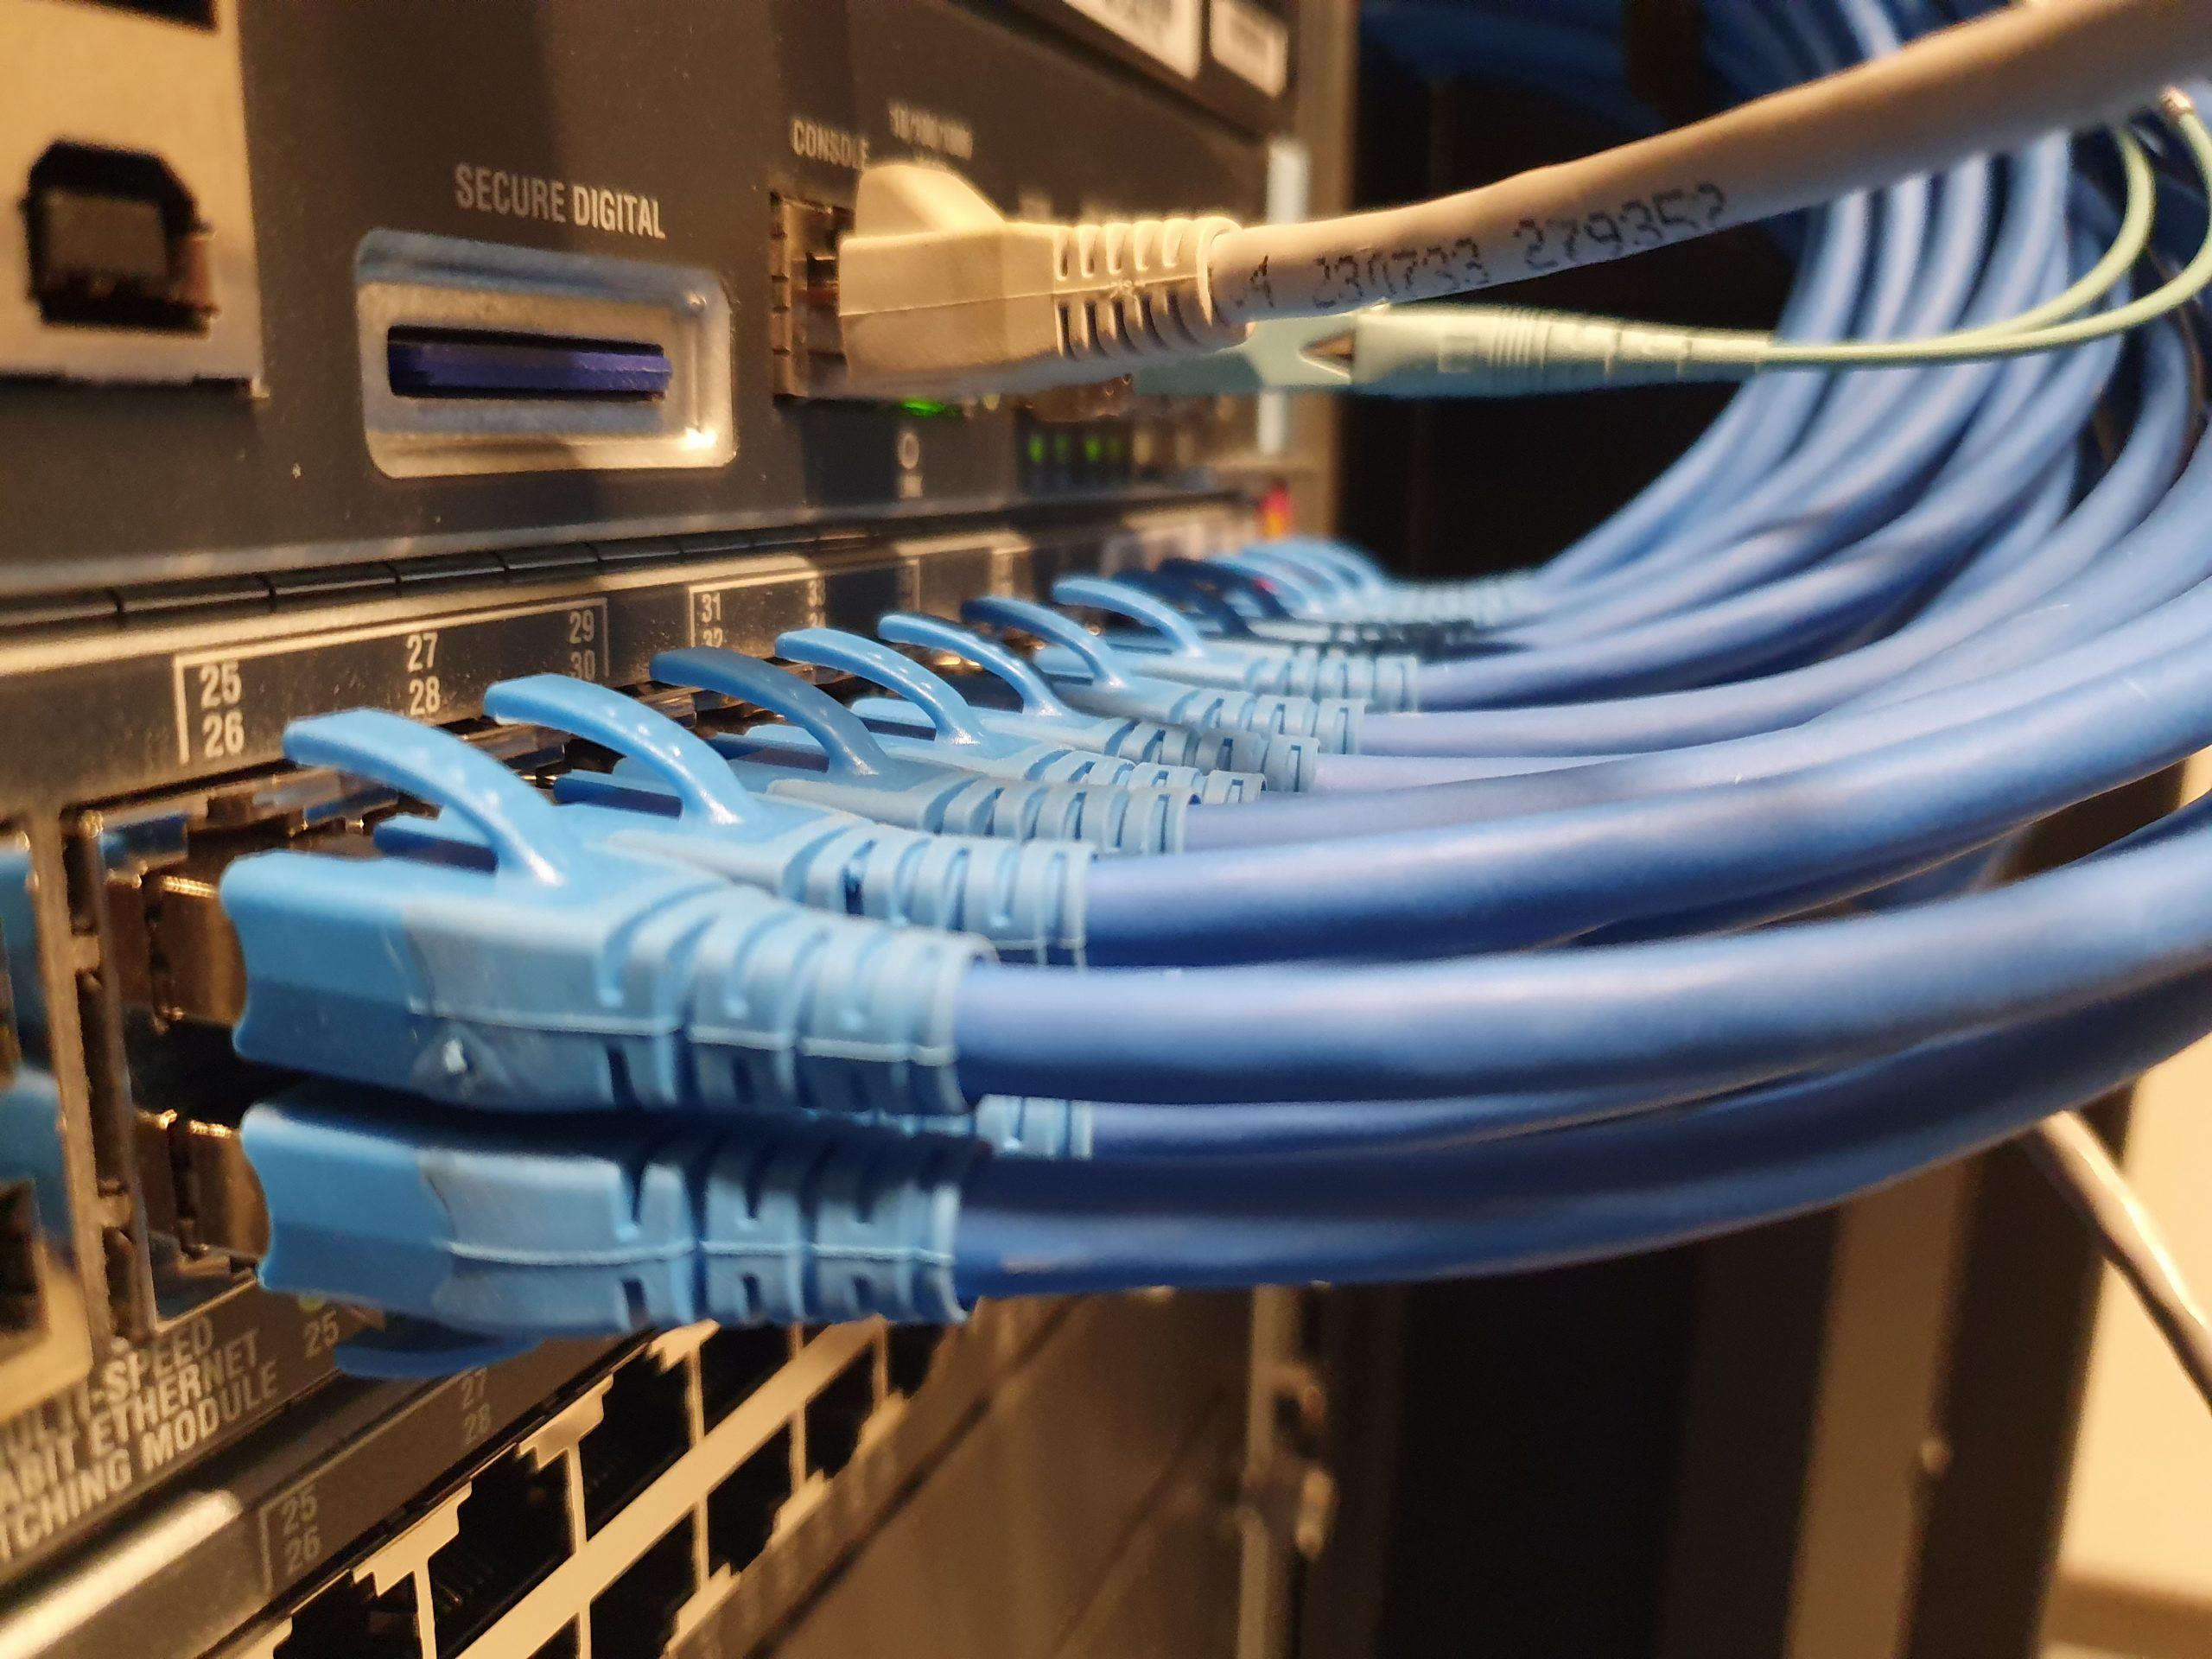 Networks & Wireless